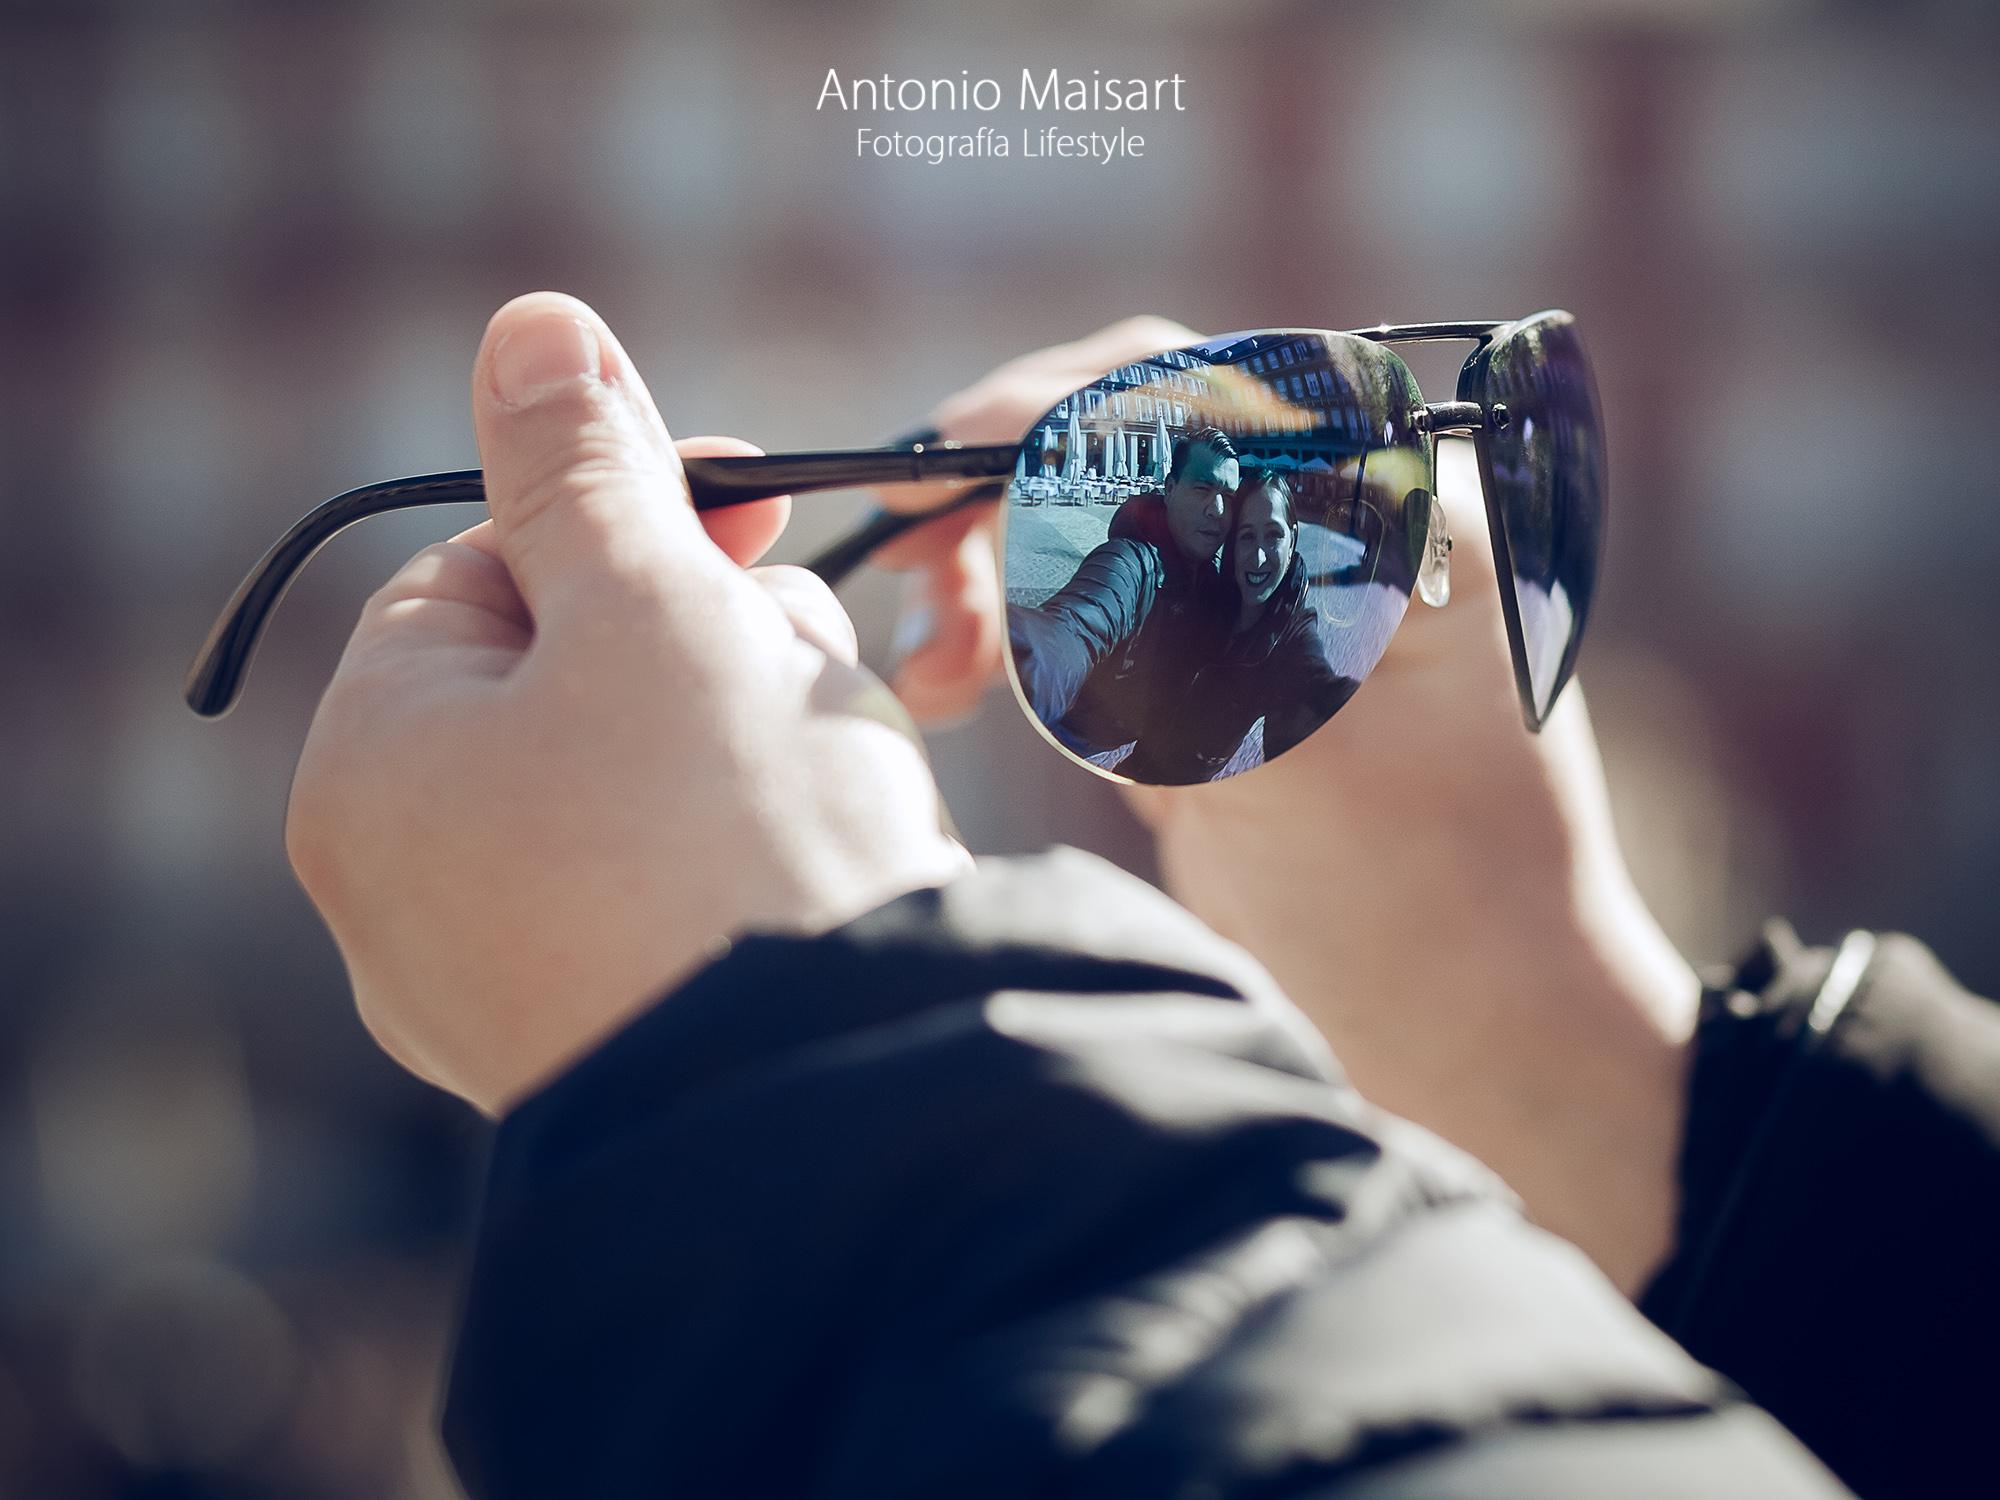 Sesiones fotográficas en Madrid